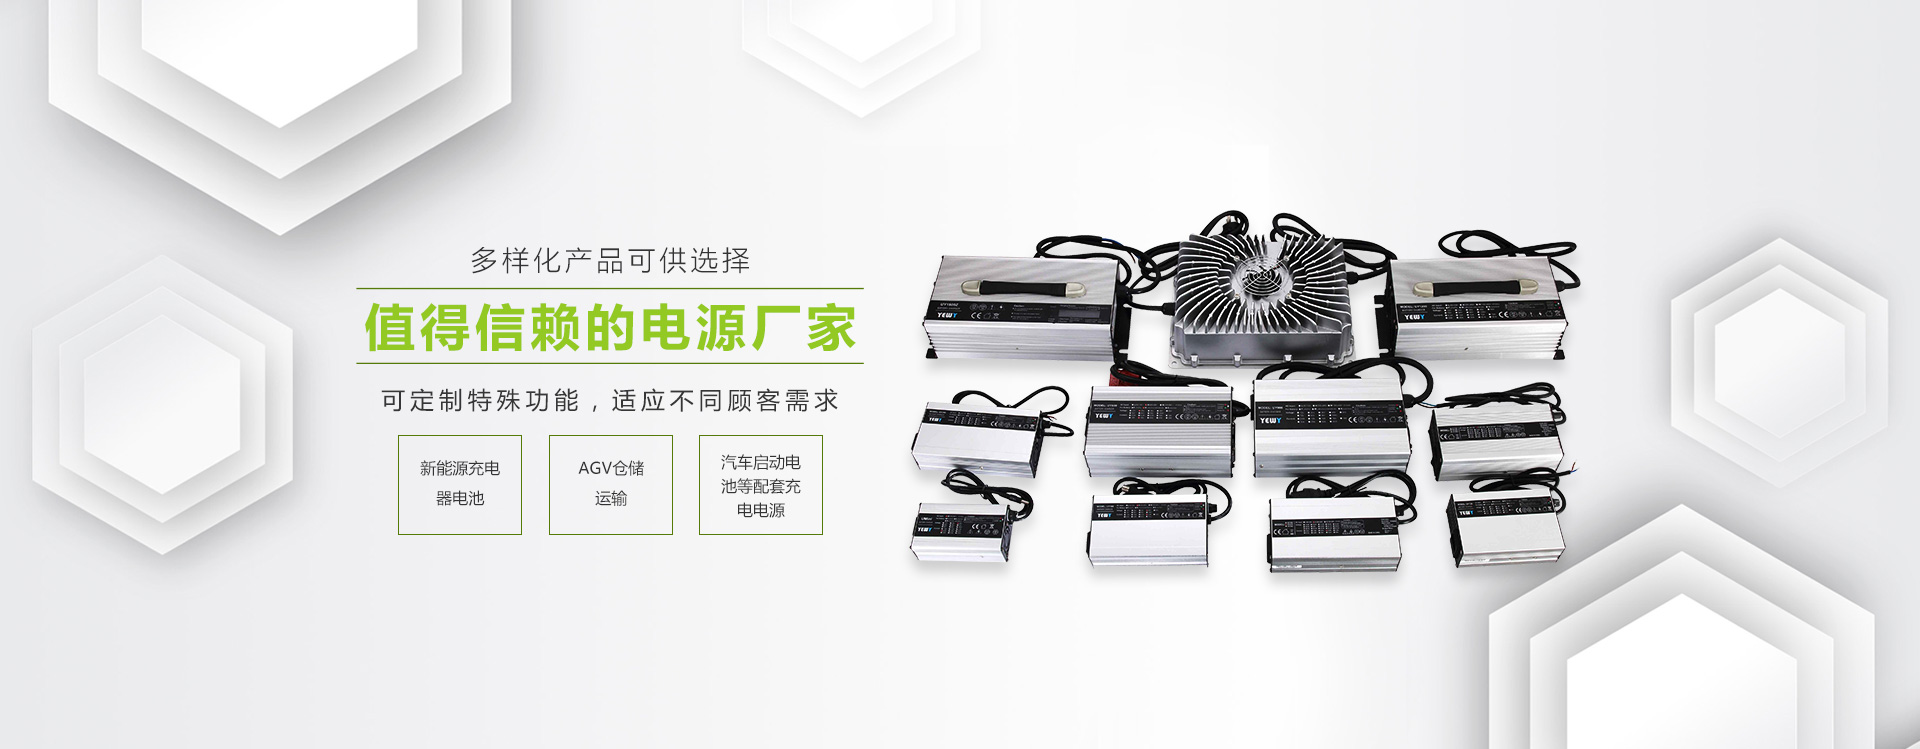 充电器生产厂家